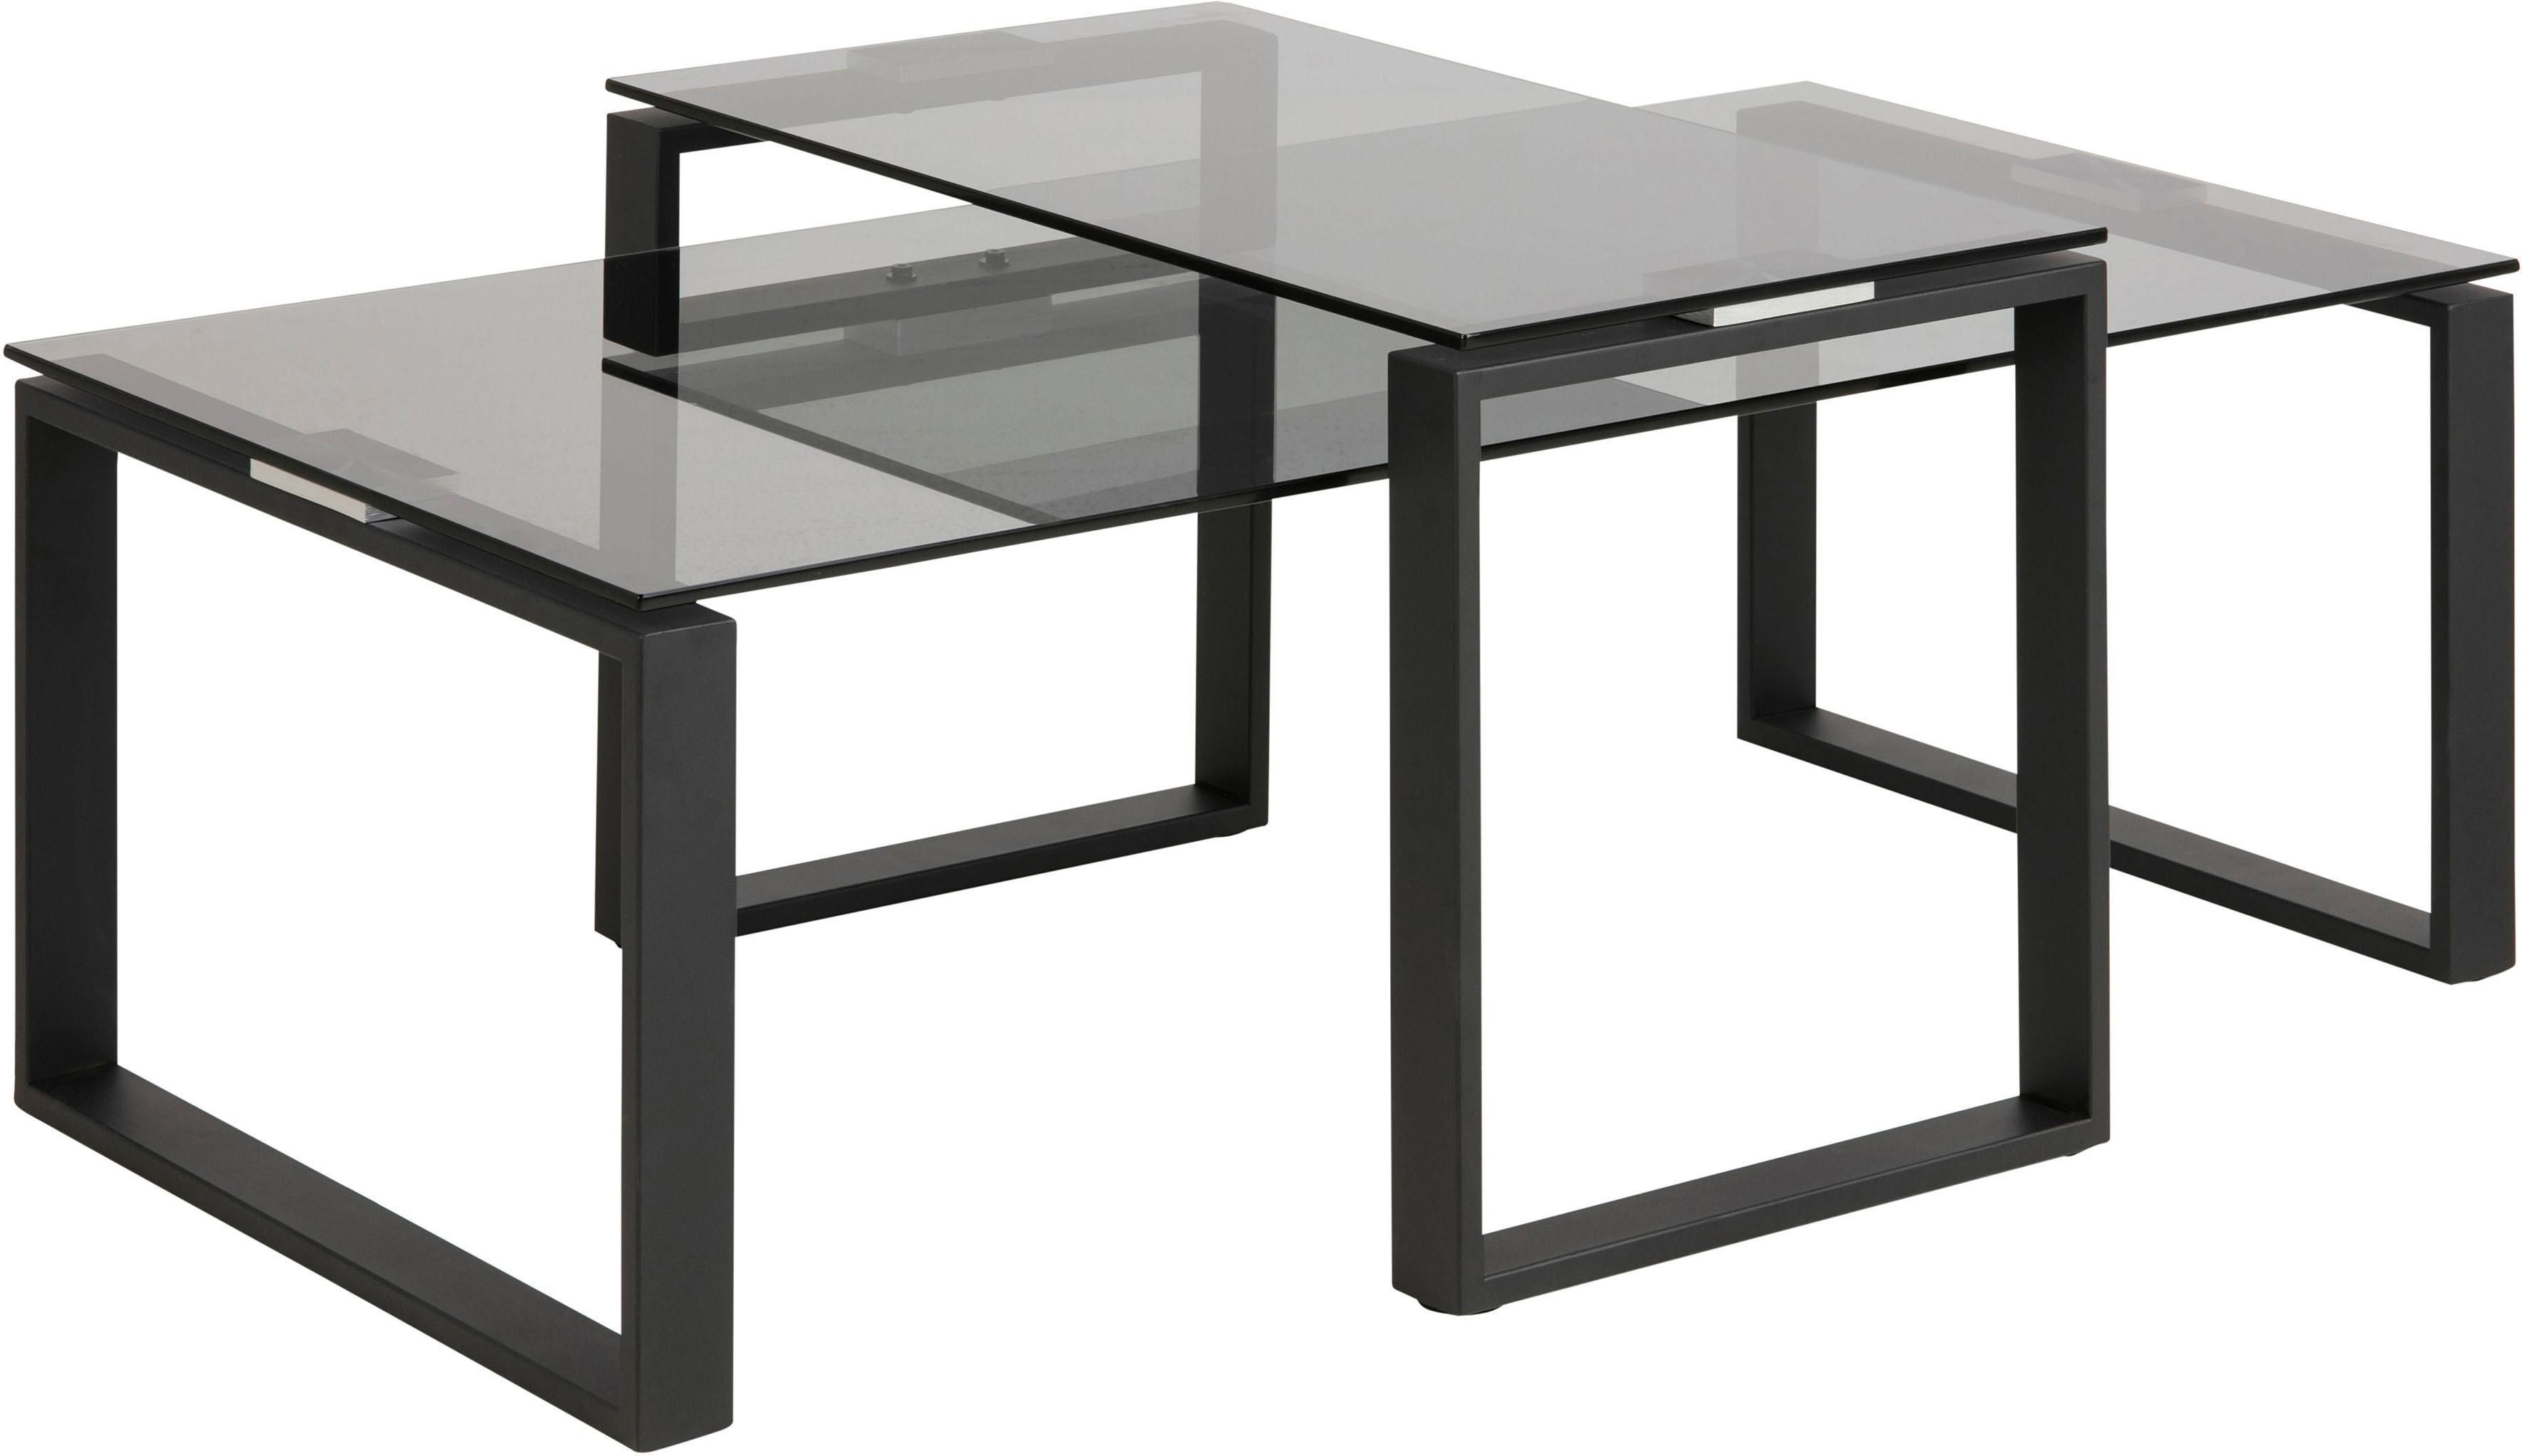 Salontisch Glas Couchtisch Kernbuche Mit Glaseinlage Couchtische Holz Designer Beistelltisch Glas Rund Sofa Hocker Als In 2020 Couchtisch Tisch Couchtisch Set